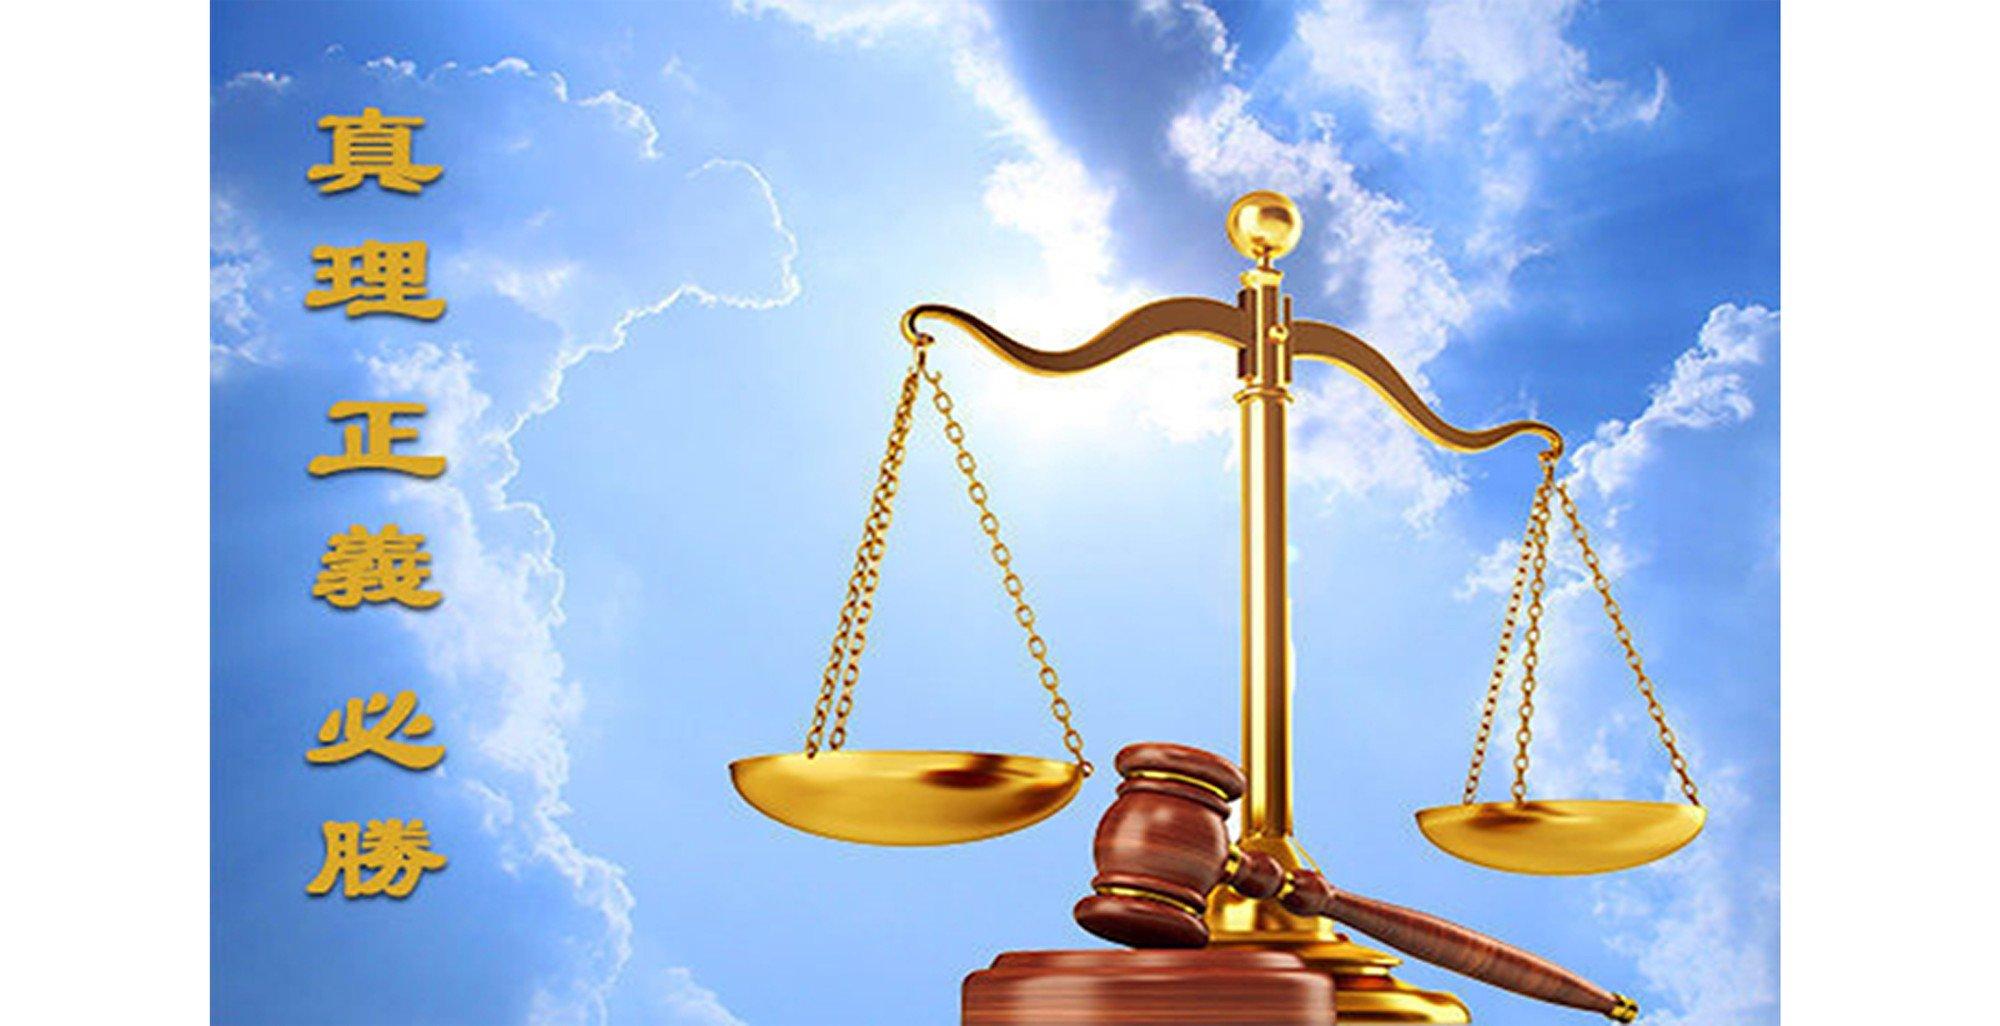 律師為法輪功學員做無罪辯護。(大紀元)